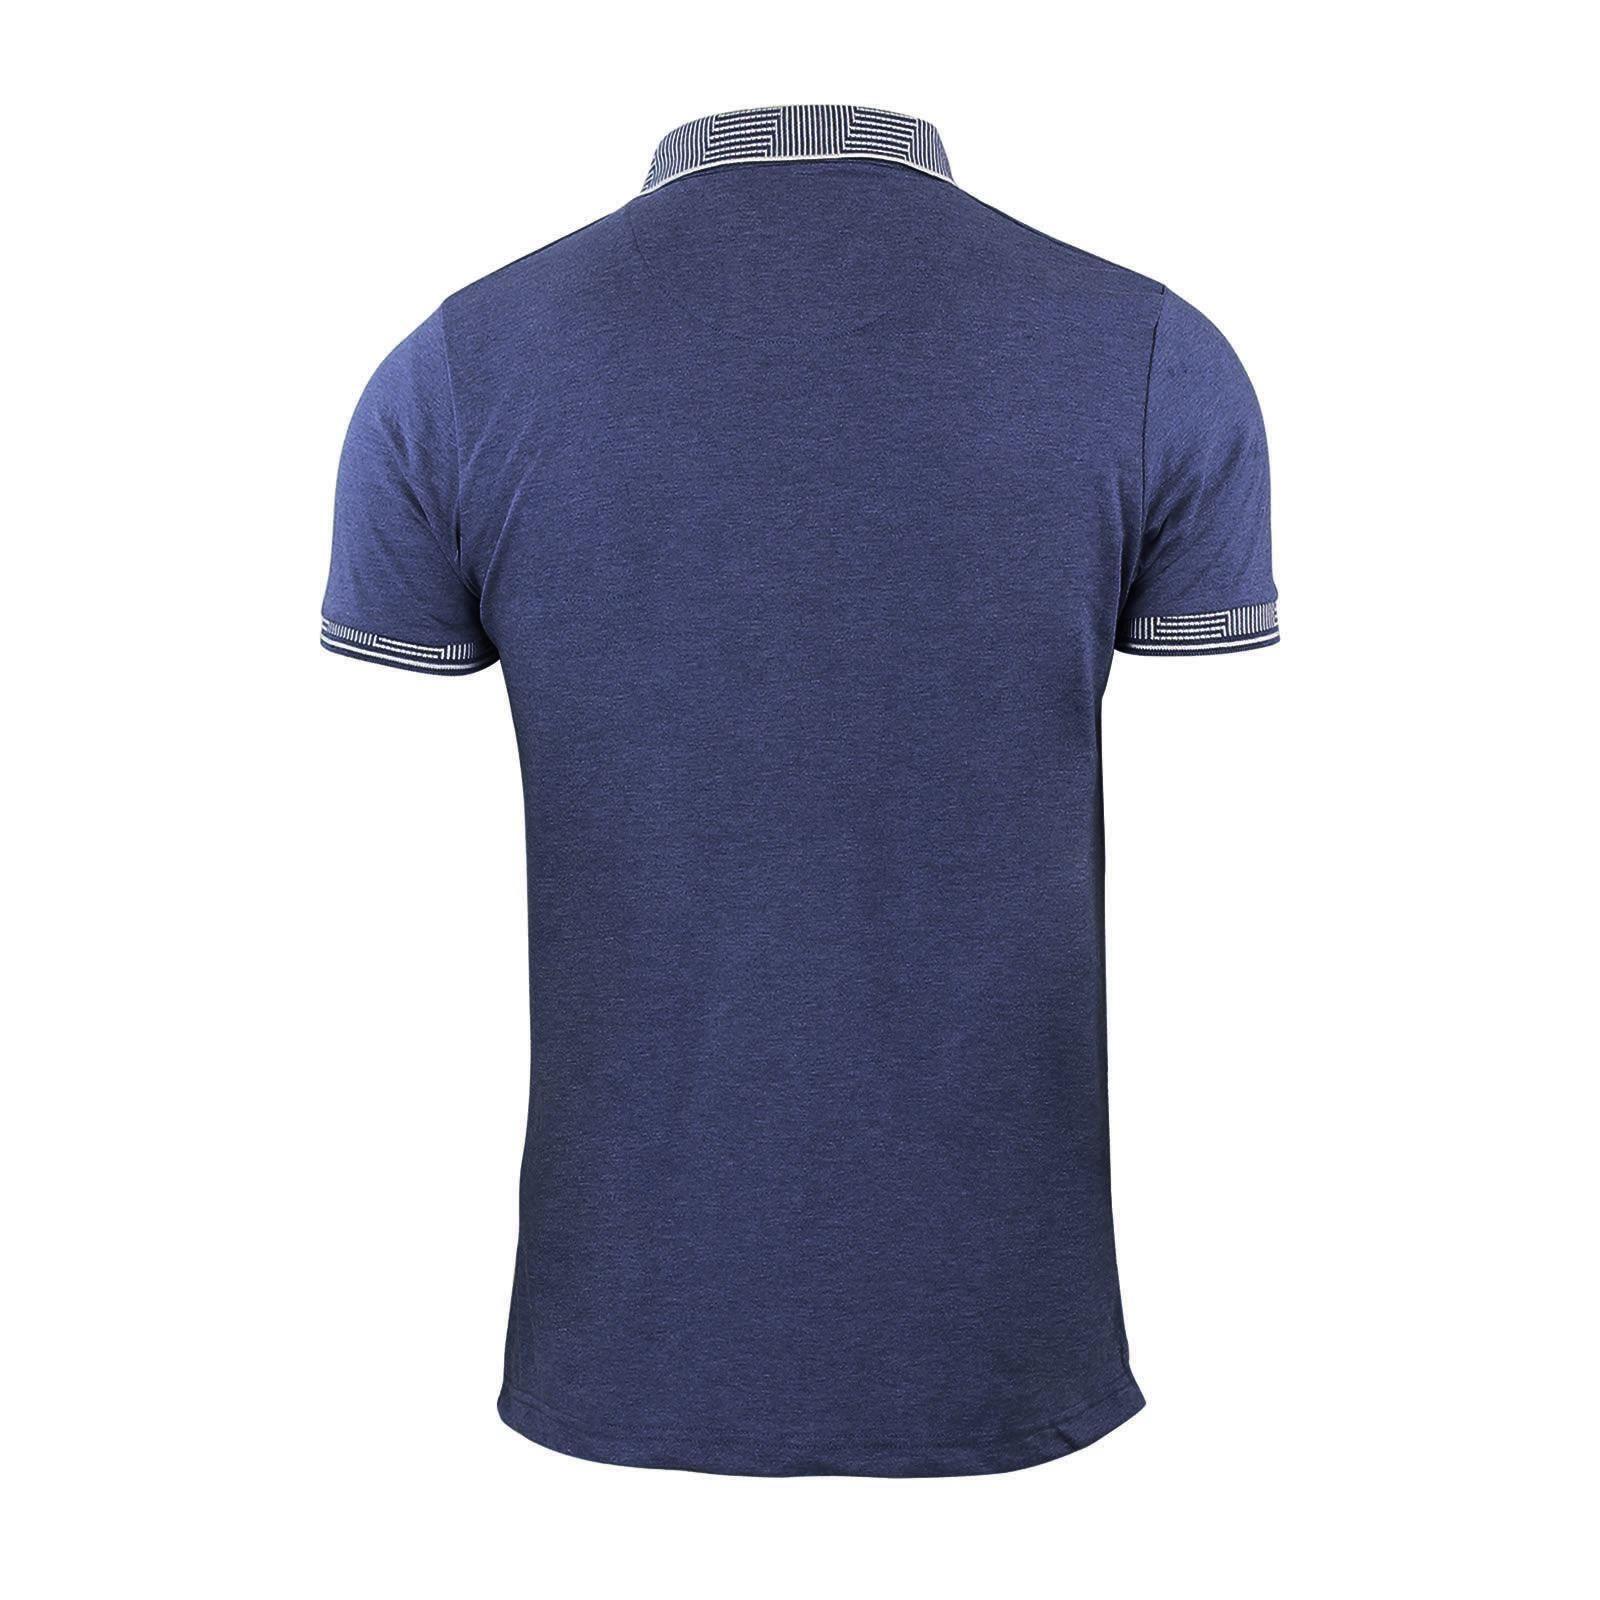 Polo-pour-Homme-T-Shirt-Brave-Soul-Glover-Coton-Avec-Col-Haut-Decontracte-Manche-Courte miniature 15